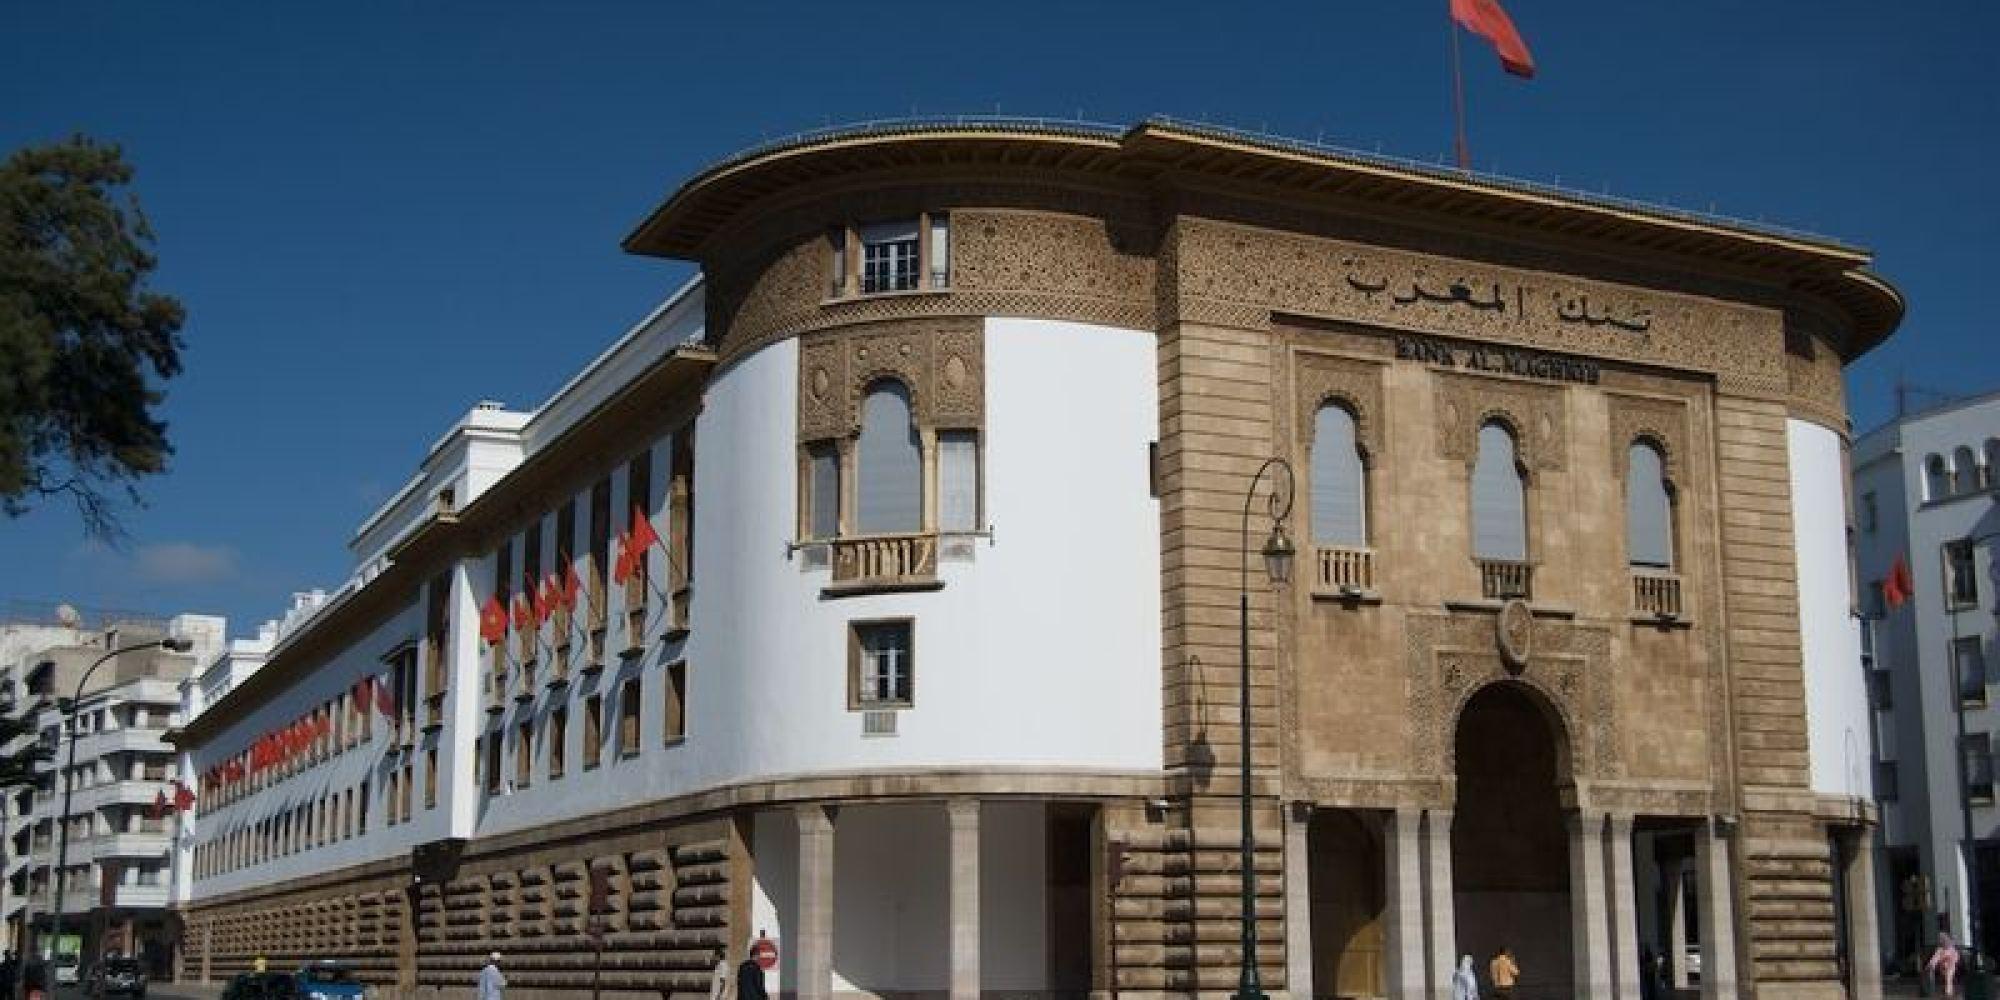 بلاغ لبنك المغرب حول اختفاء مبلغ مالي مهم خلال عملية لنقل الأموال